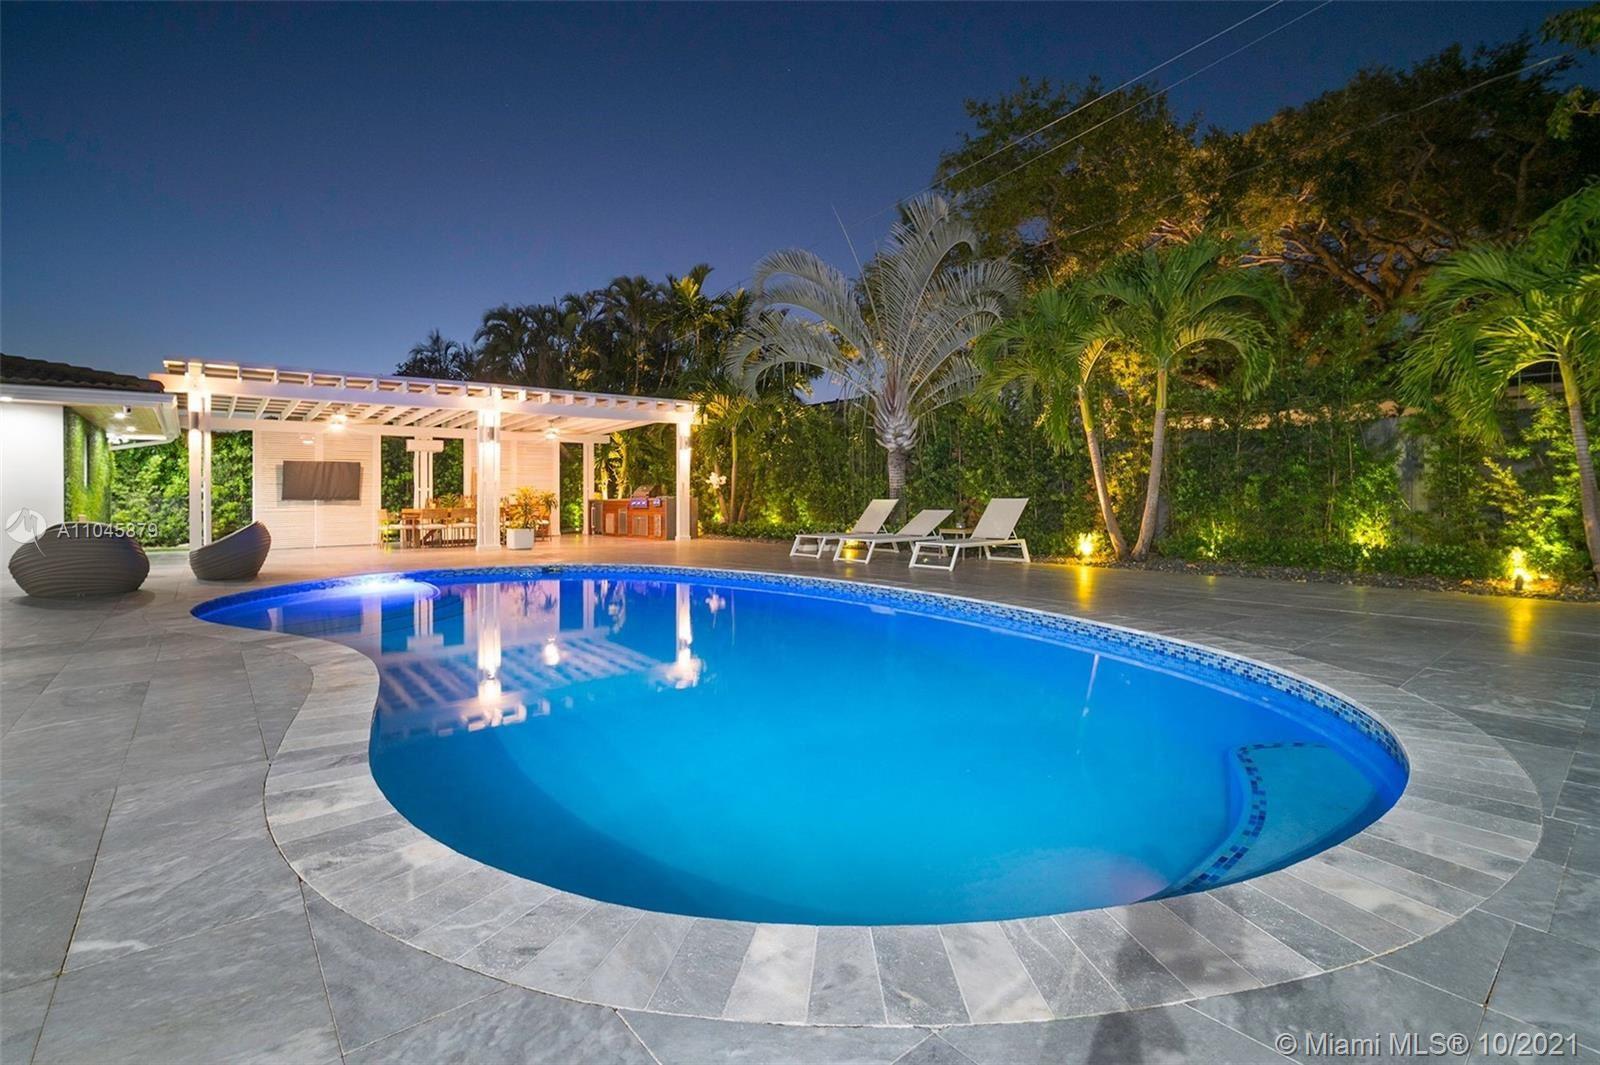 2261 NE 201st St, Miami, FL 33180 - #: A11045879